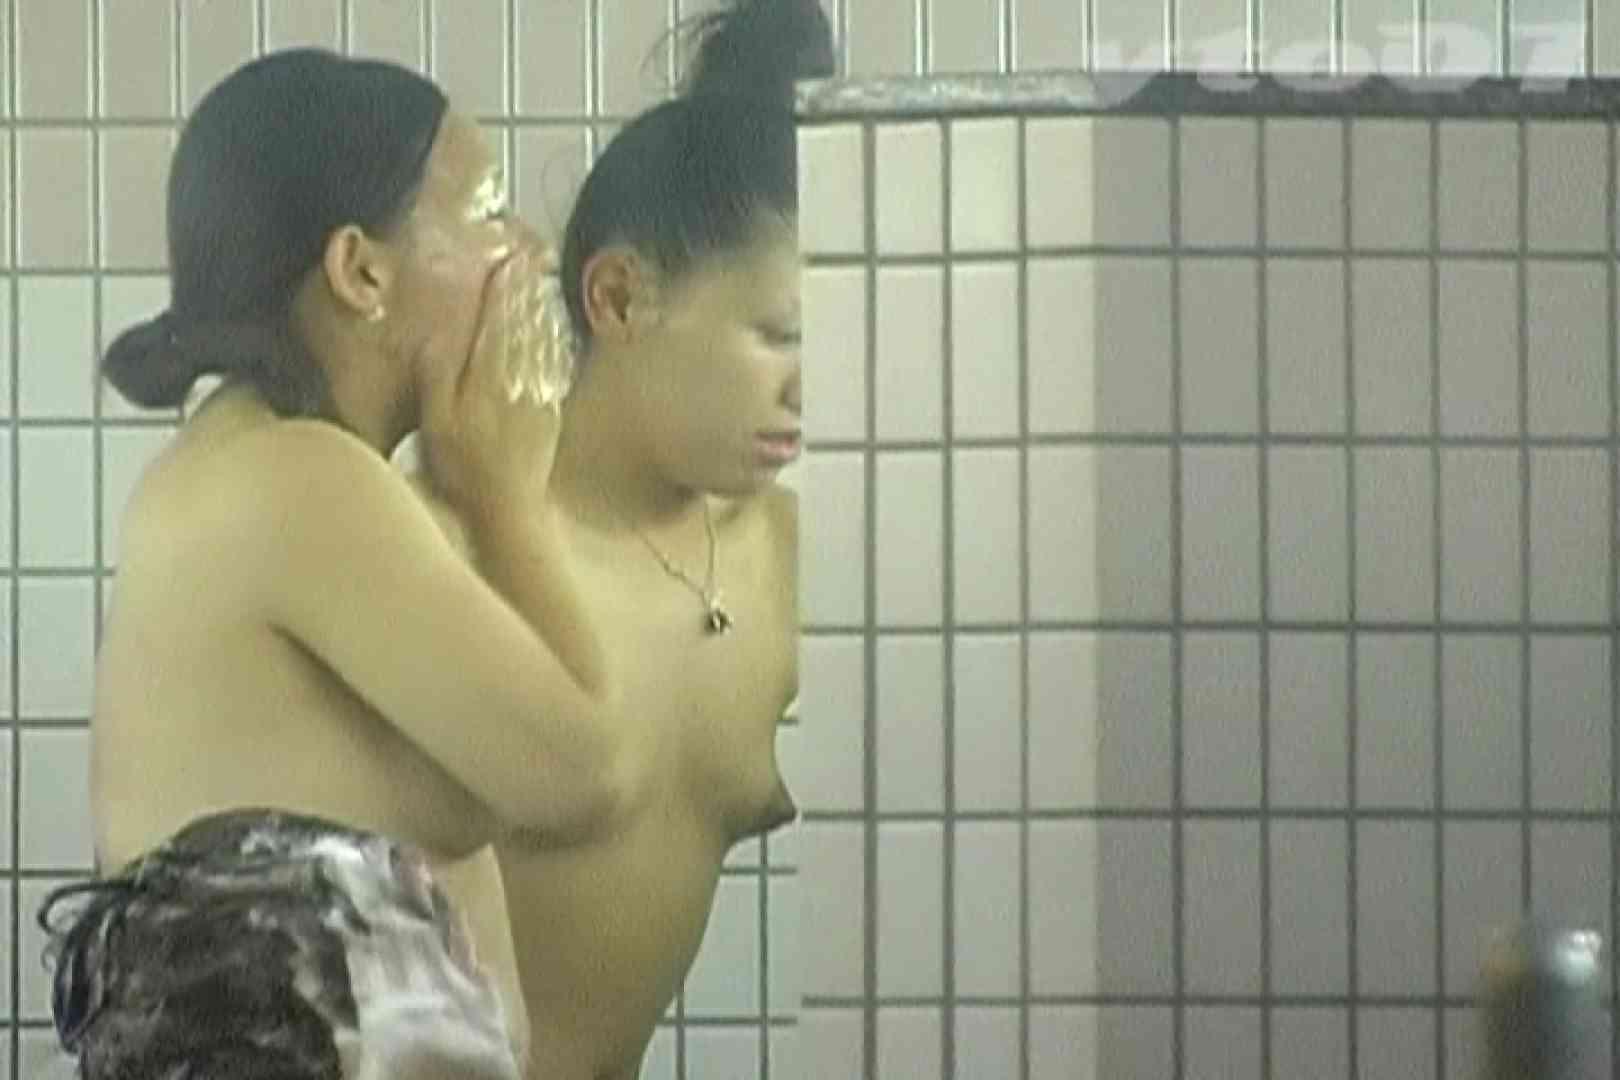 ▲復活限定▲合宿ホテル女風呂盗撮 Vol.04 女風呂 オマンコ動画キャプチャ 99PIX 75